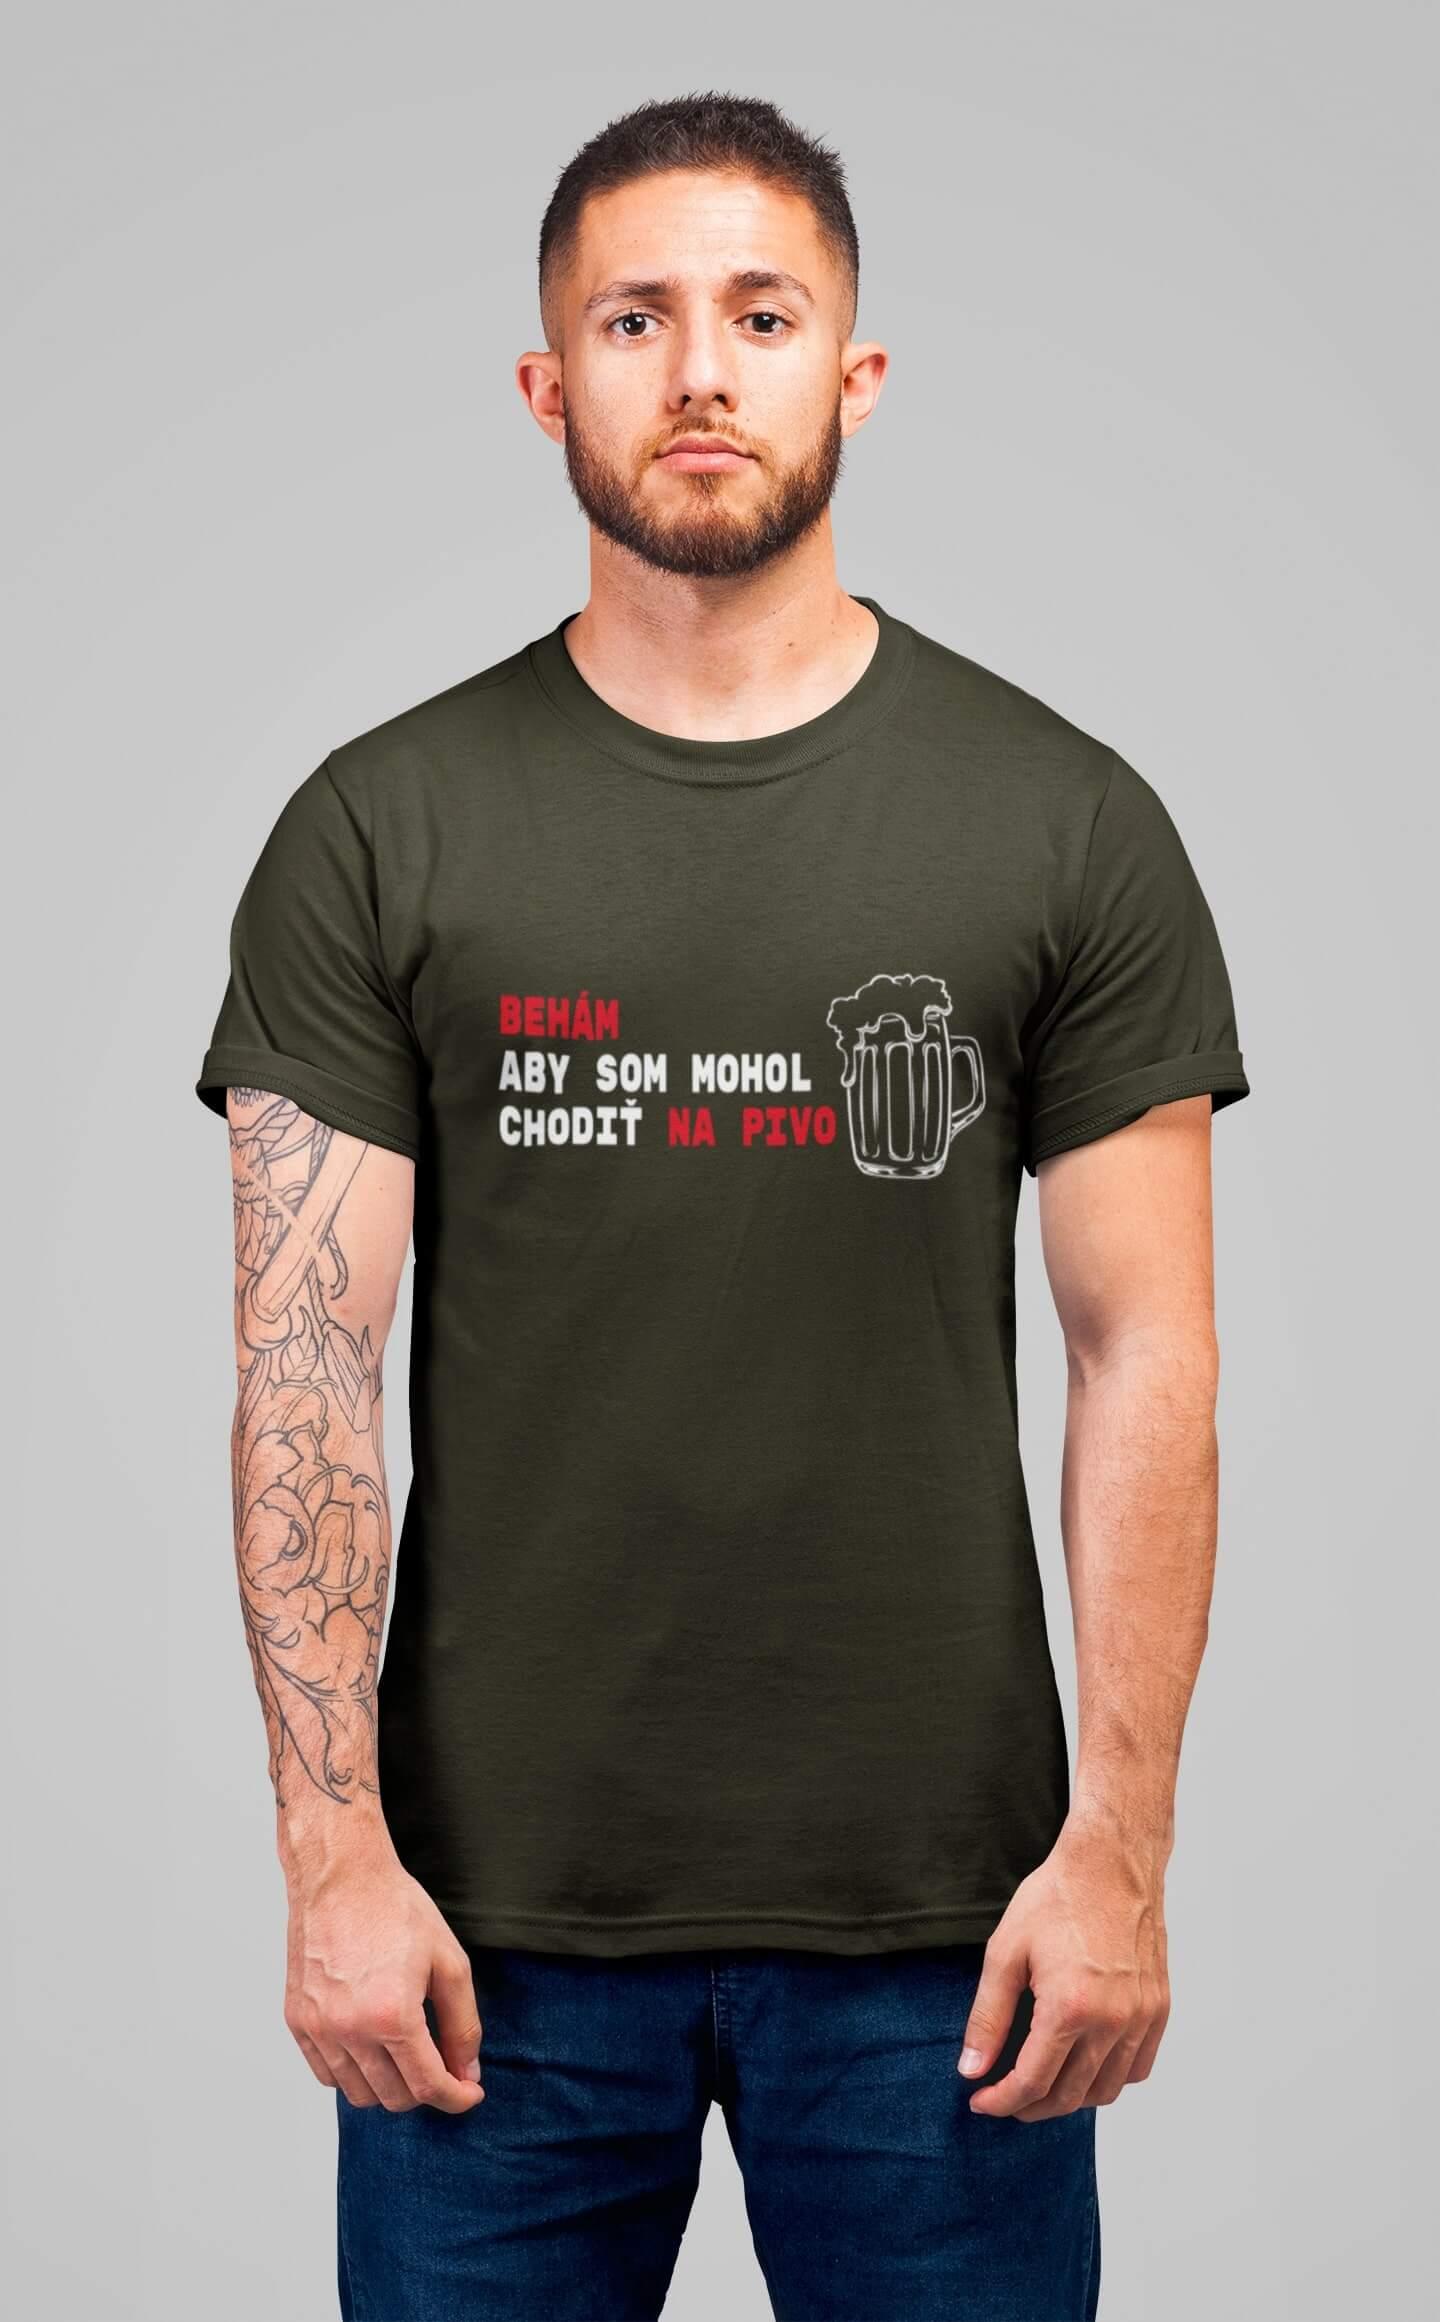 MMO Pánske tričko Behám Vyberte farbu: Military, Vyberte veľkosť: XS